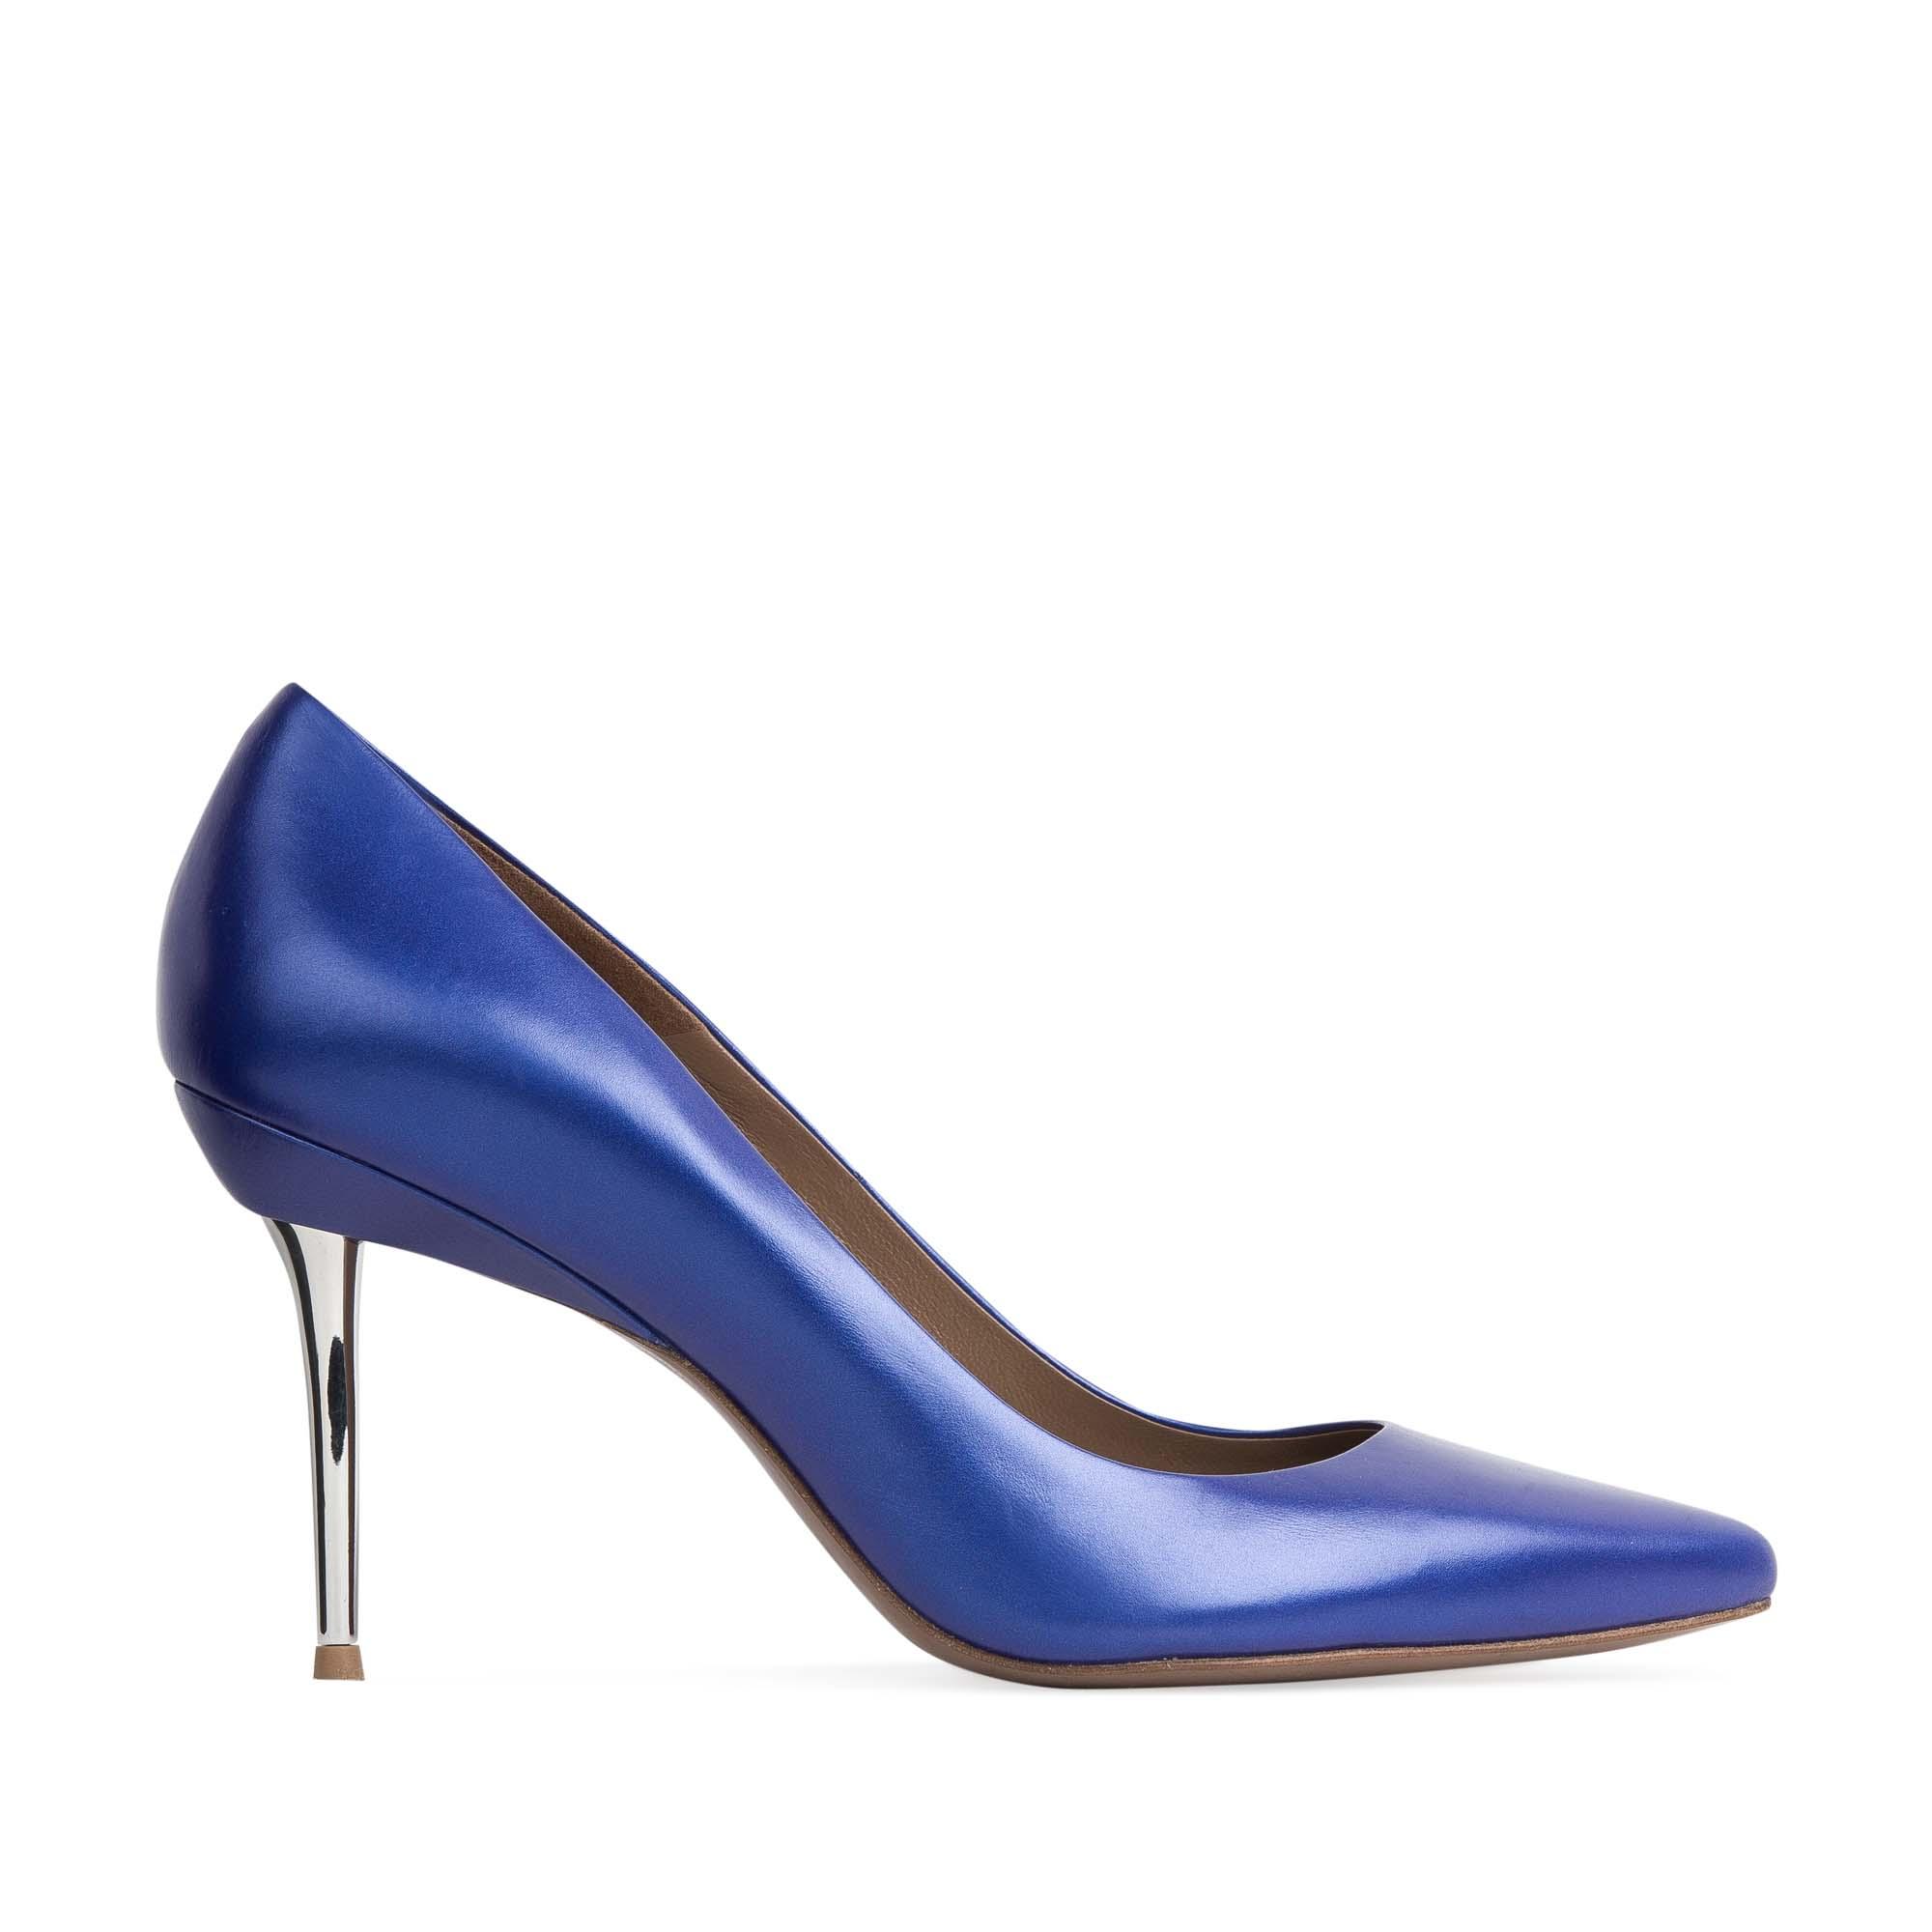 Кожаные туфли-лодочки ультрамаринового цвета на металлическом каблуке